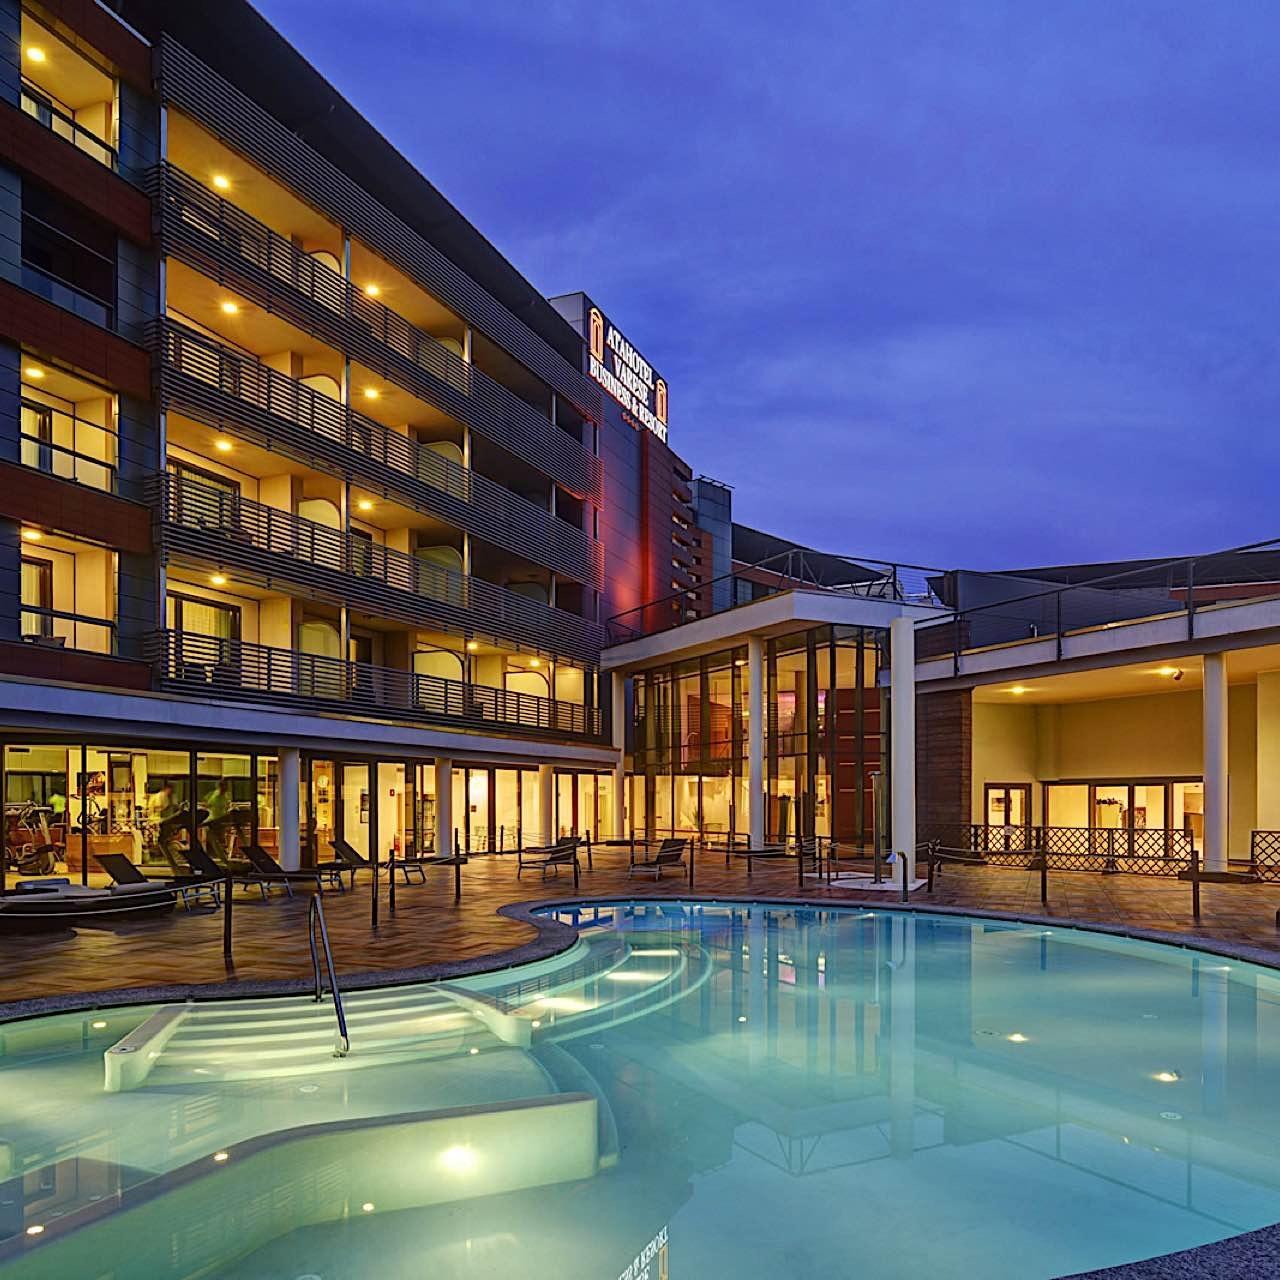 Pool | Varese